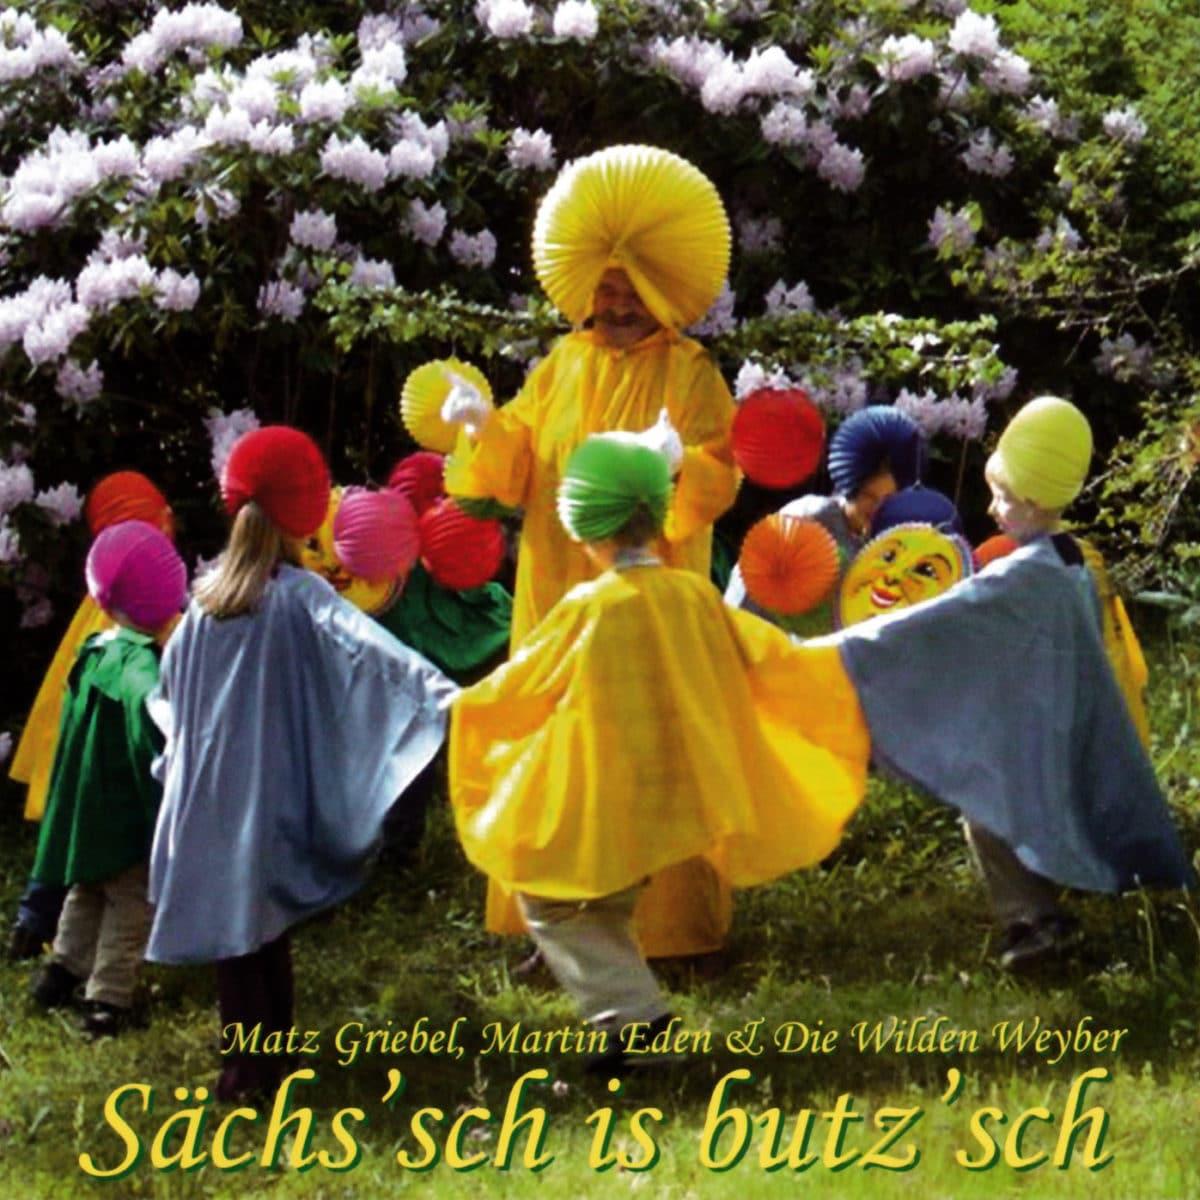 Sächs'sch is butz'sch